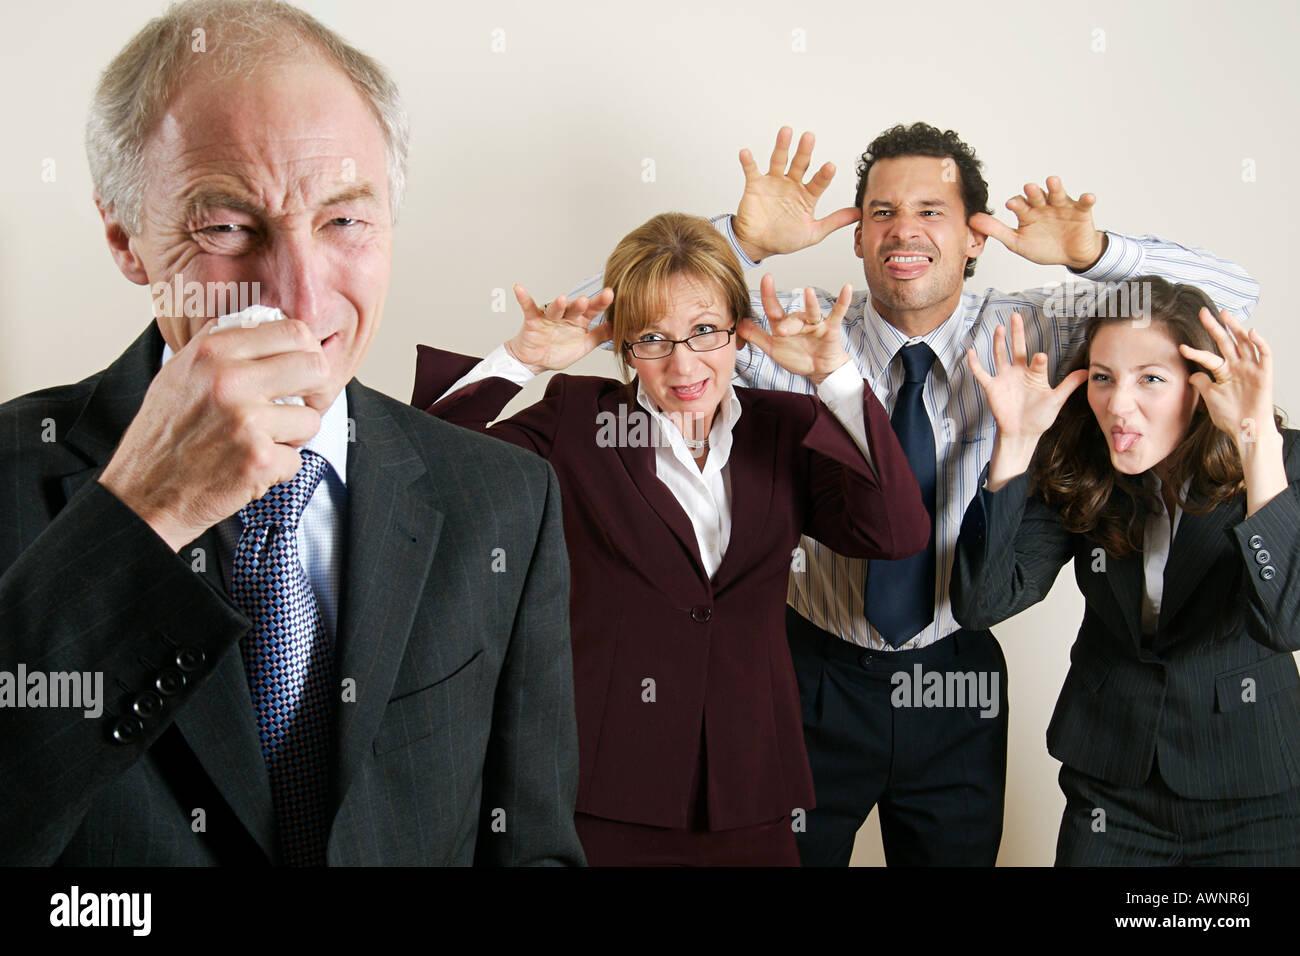 Gli imprenditori bullismo a un collega Foto Stock